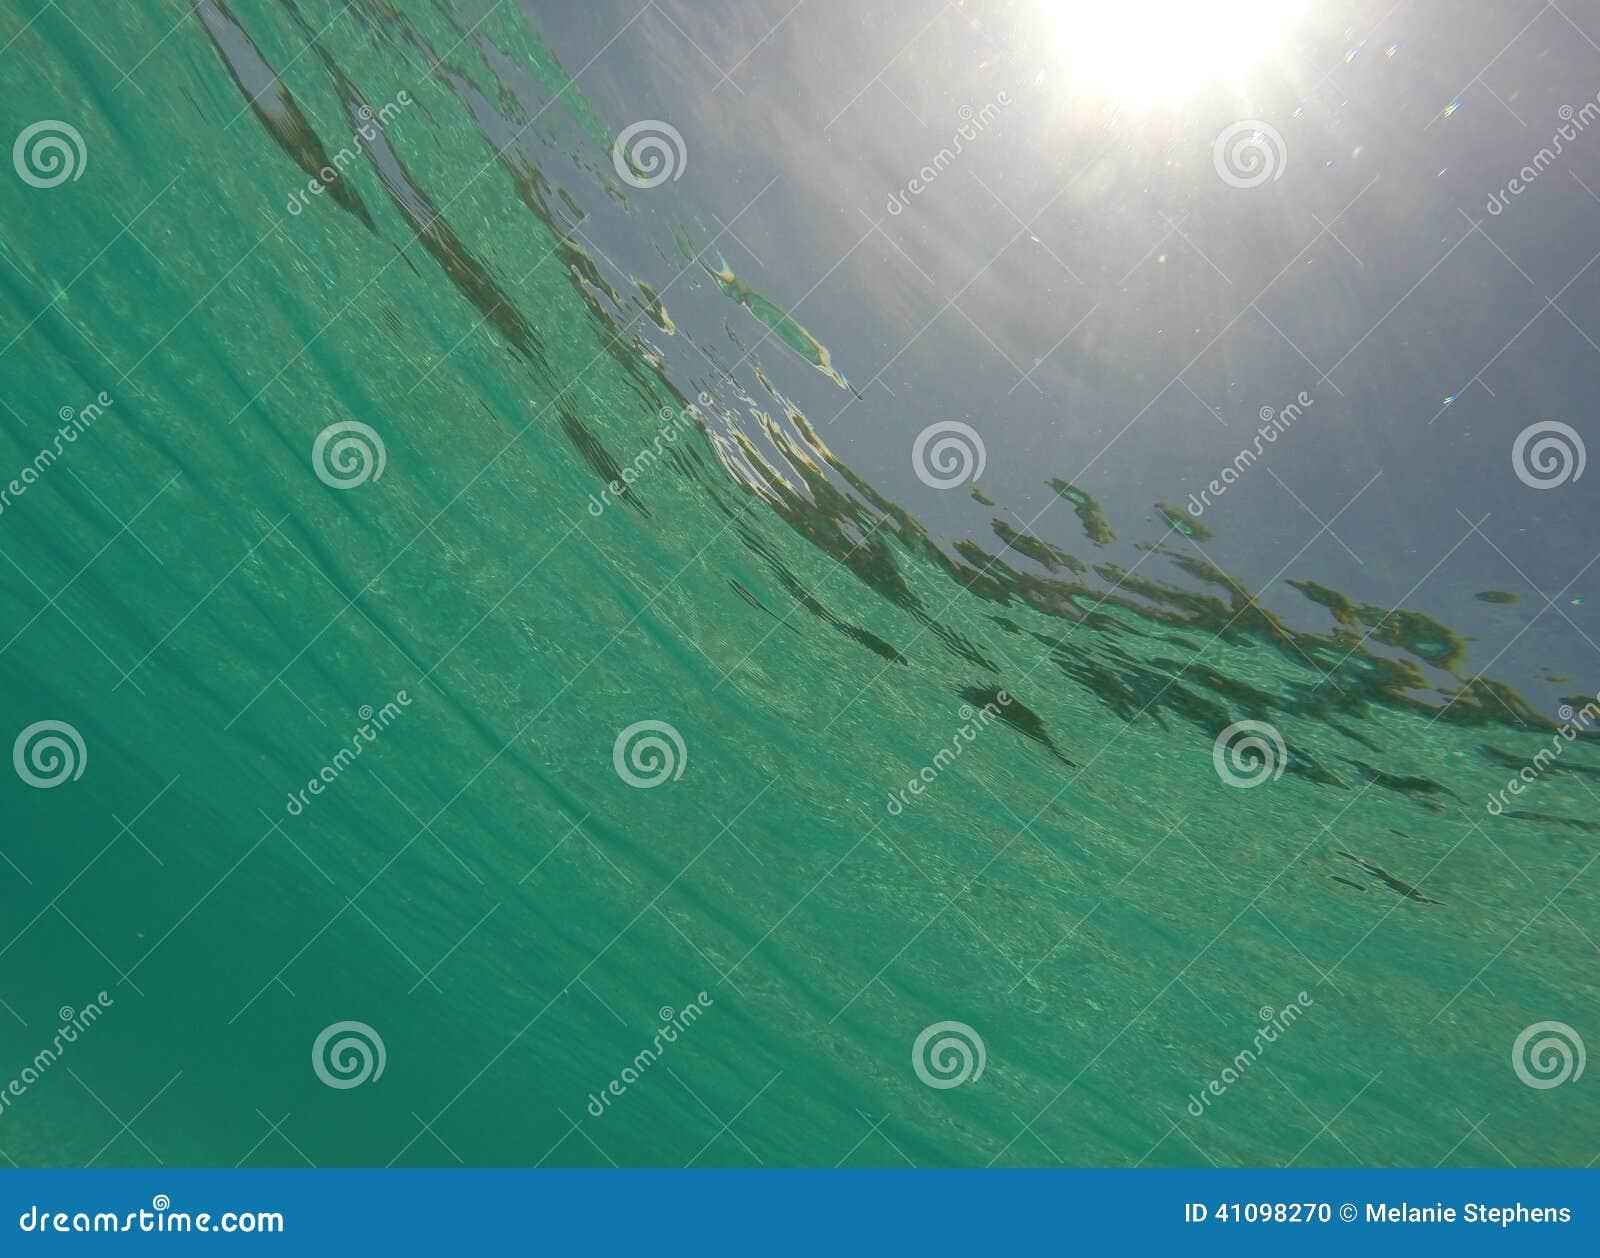 Υποβρύχια καραϊβική θάλασσα με την ηλιοφάνεια